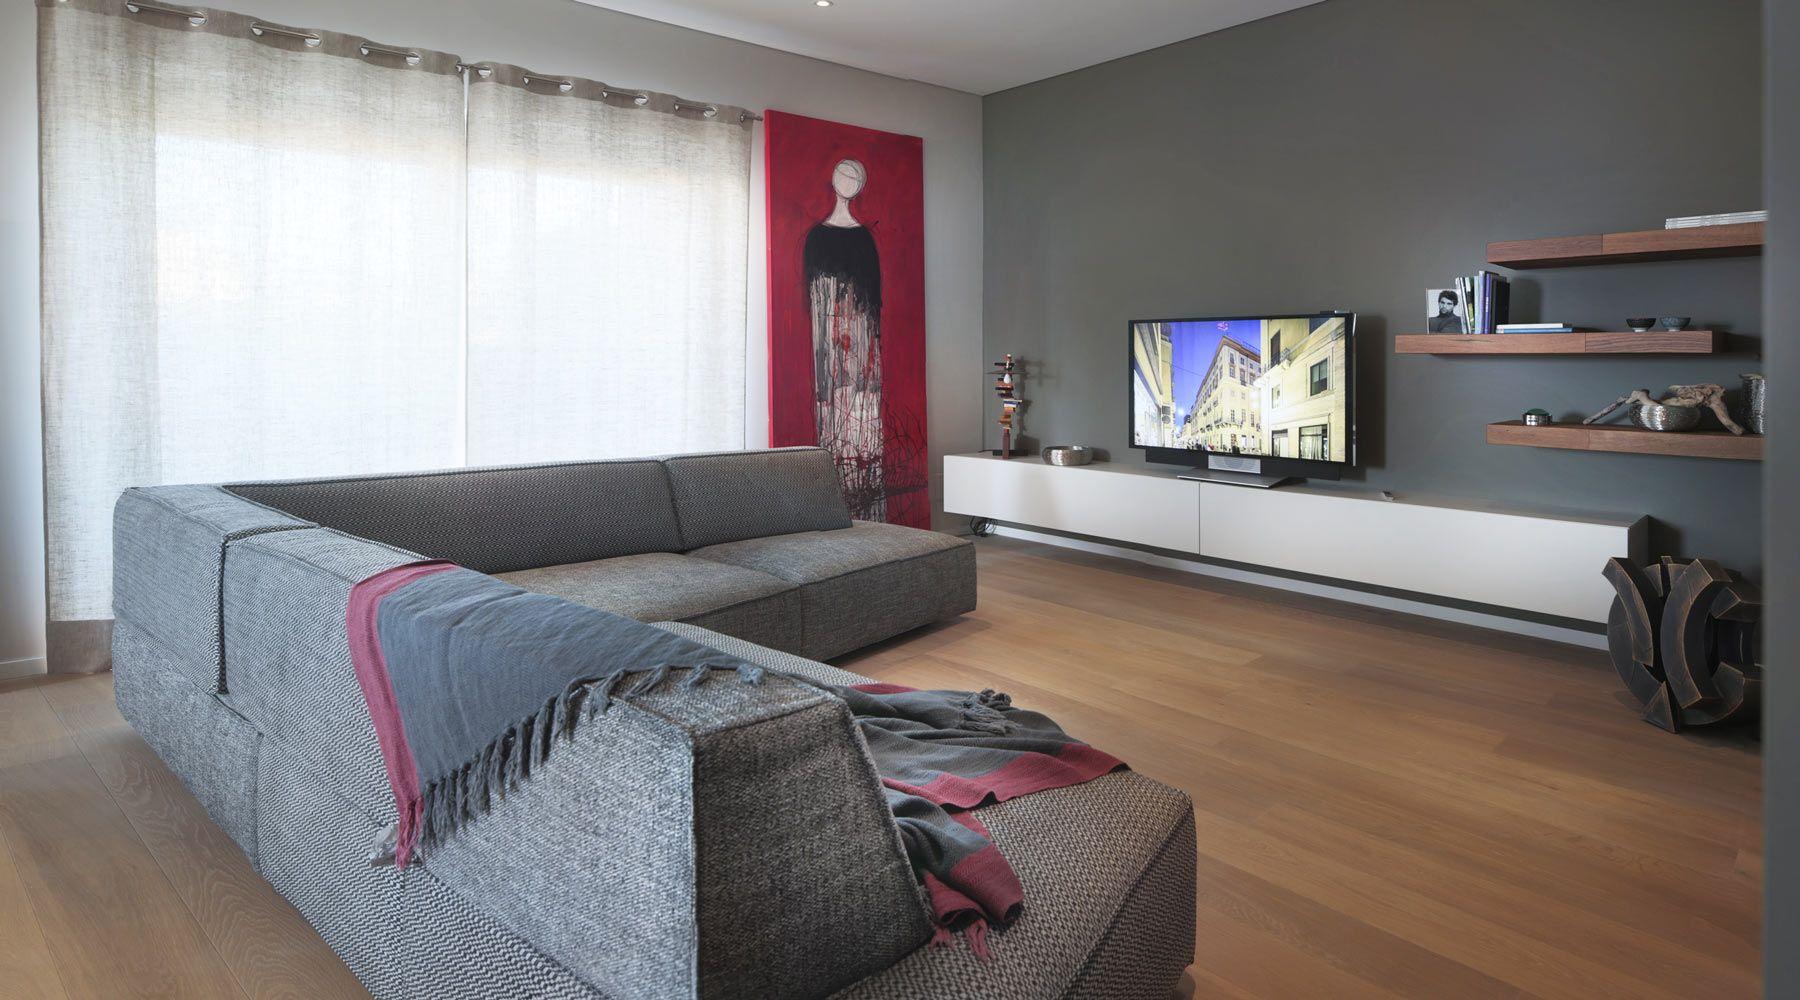 Divano Angolare A Torino.Real Estate Torino Building Lagrange12 Luxury Rooms Home Decor